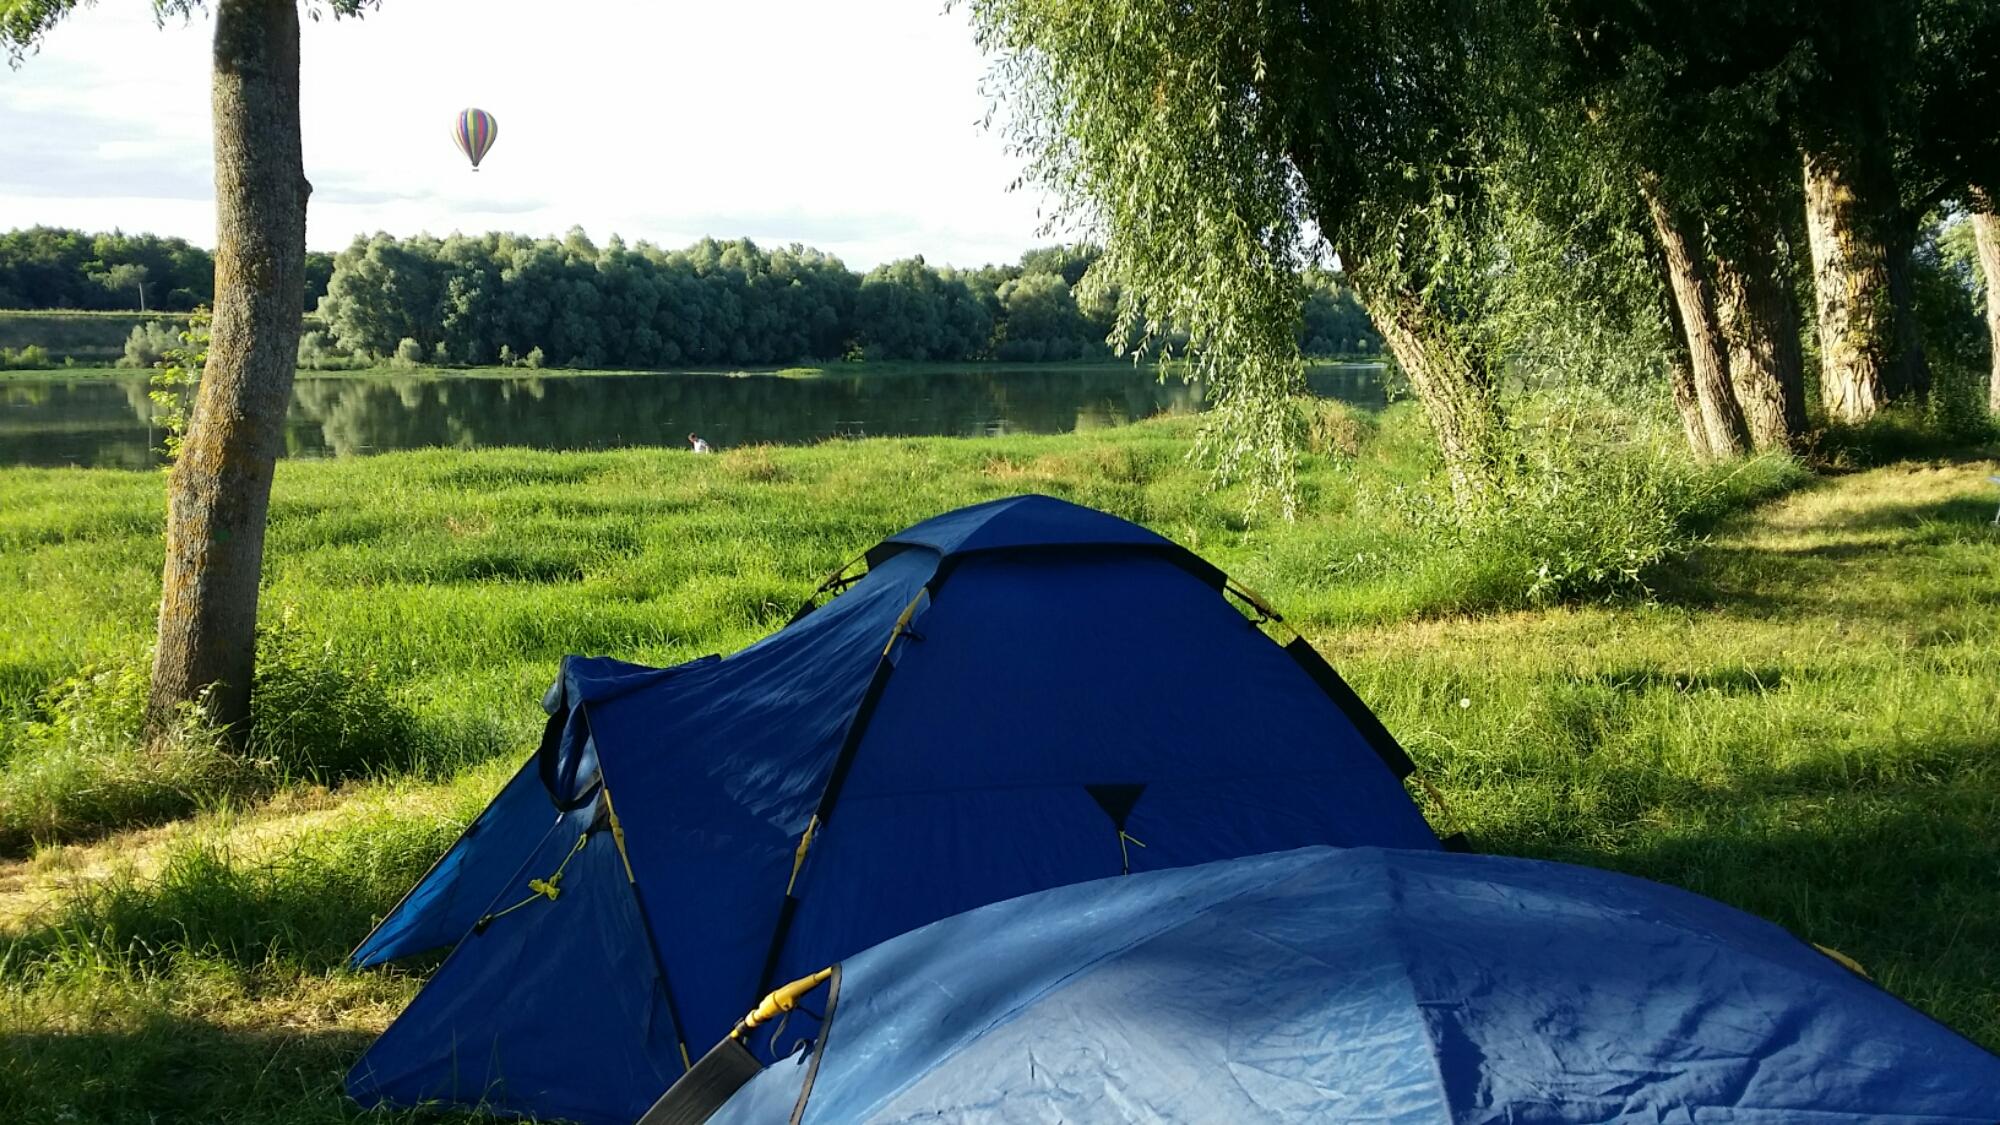 Ce soir camping au bord de la Loire à chaumont sur Loire - Ecoute ...